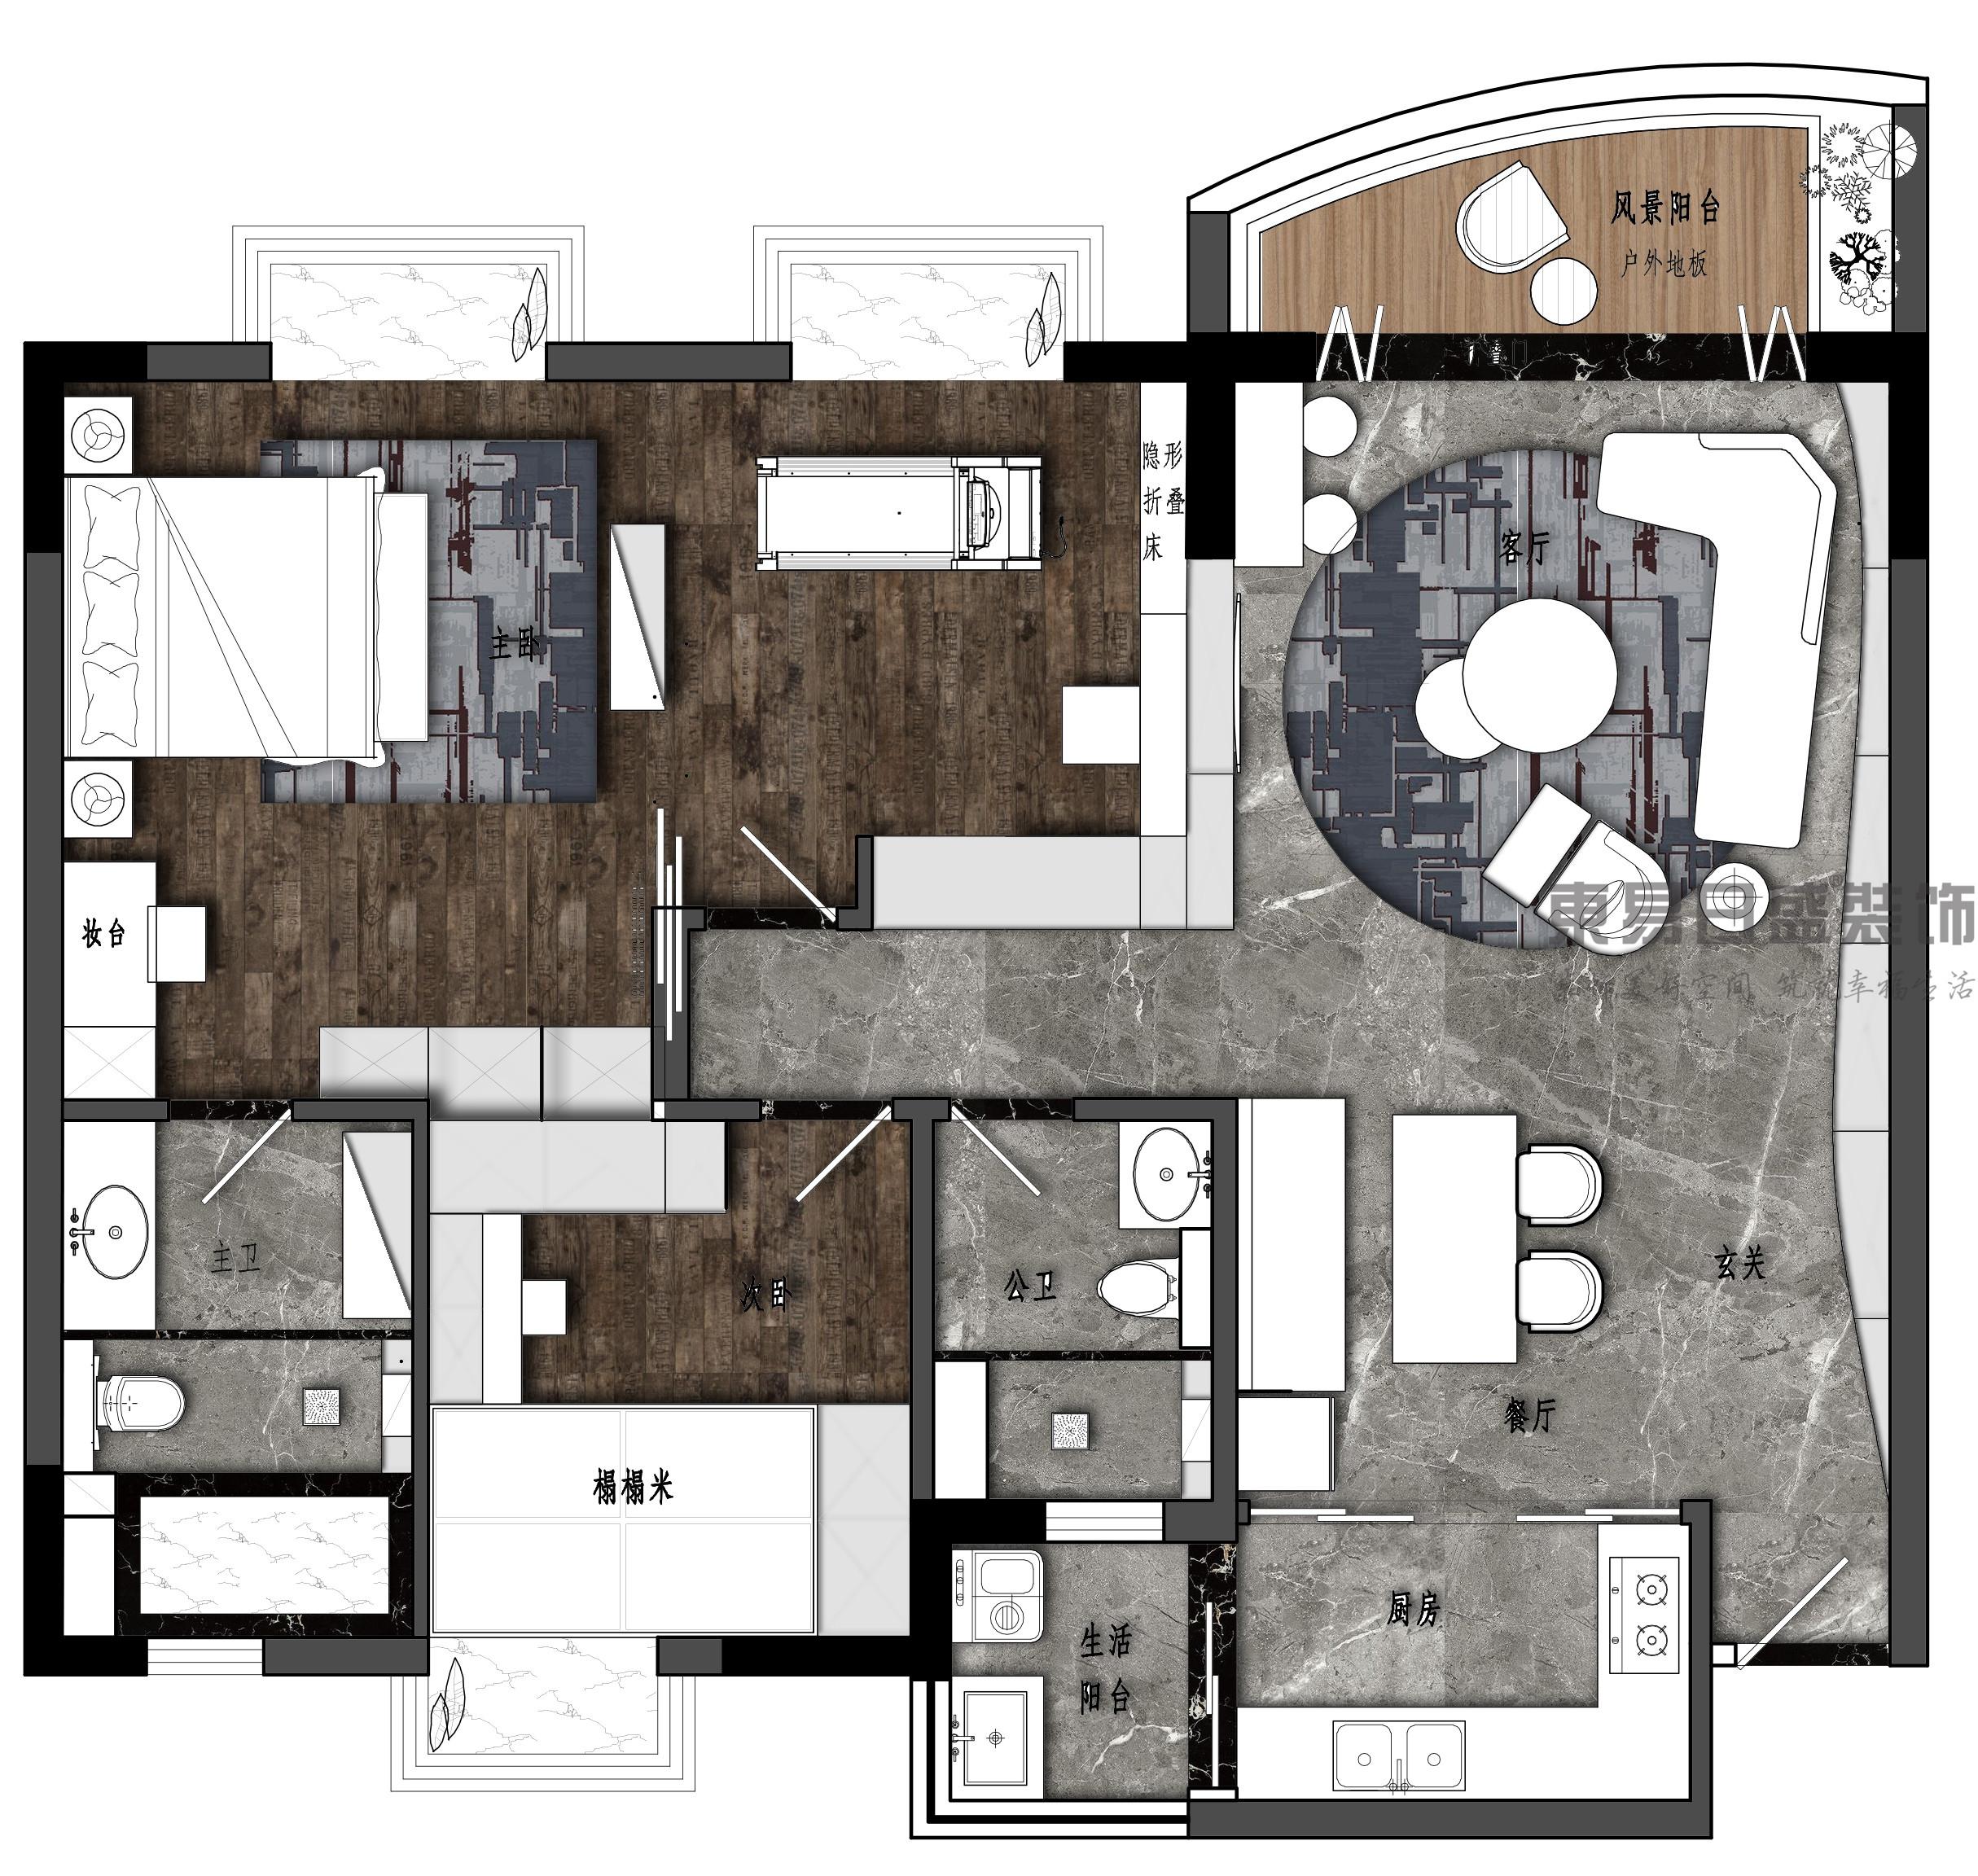 东成花园-127㎡-Loft风格-二居室装修设计理念